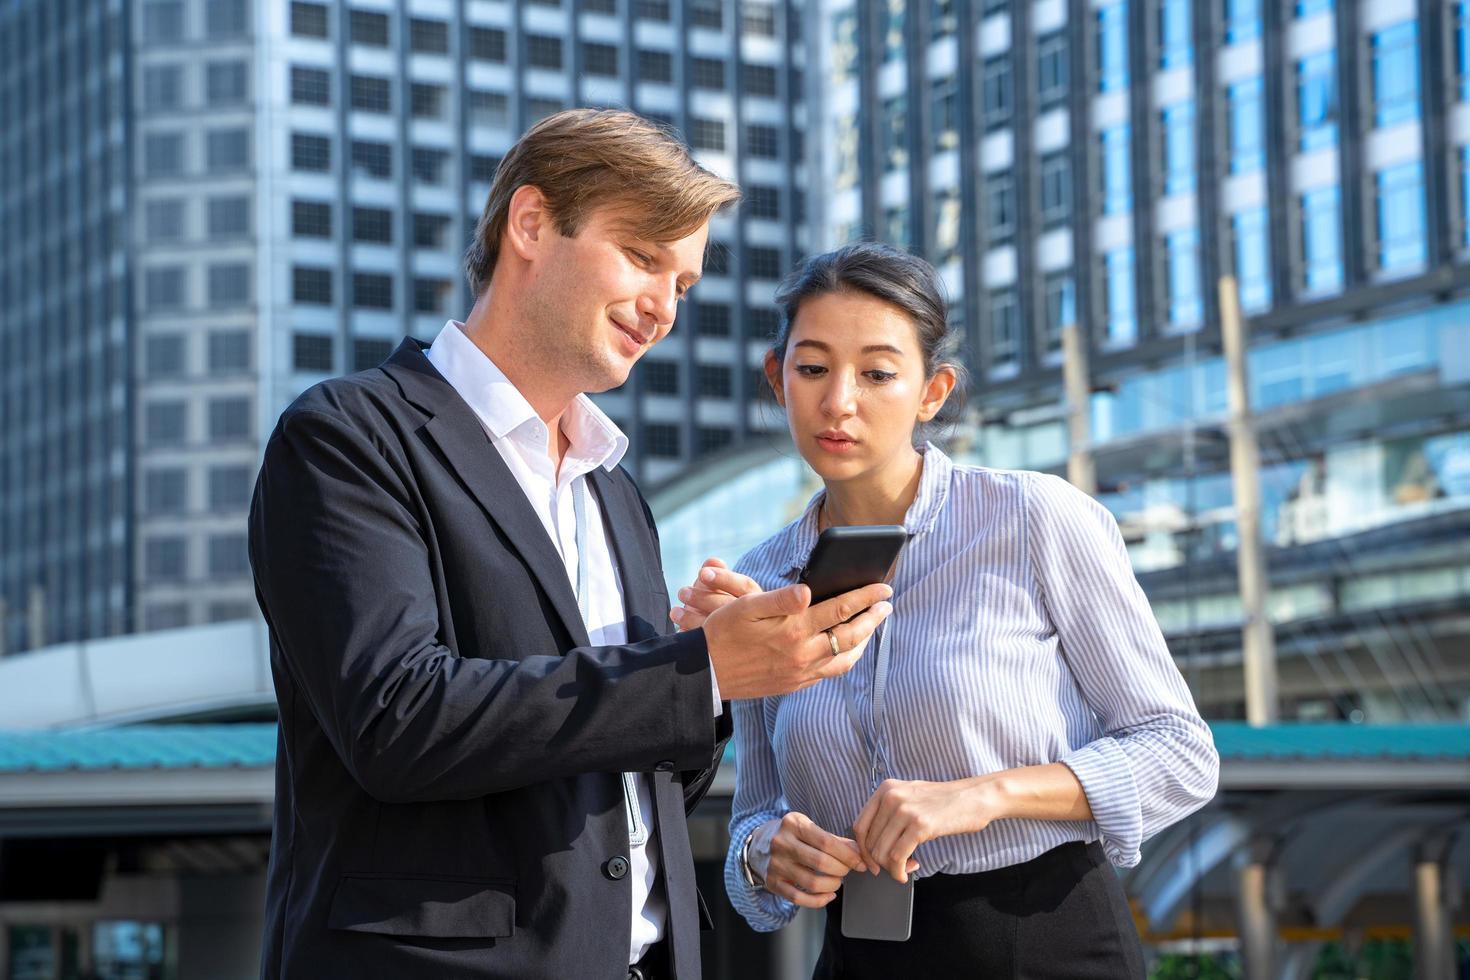 man en vrouw kijken naar mobiele telefoon foto